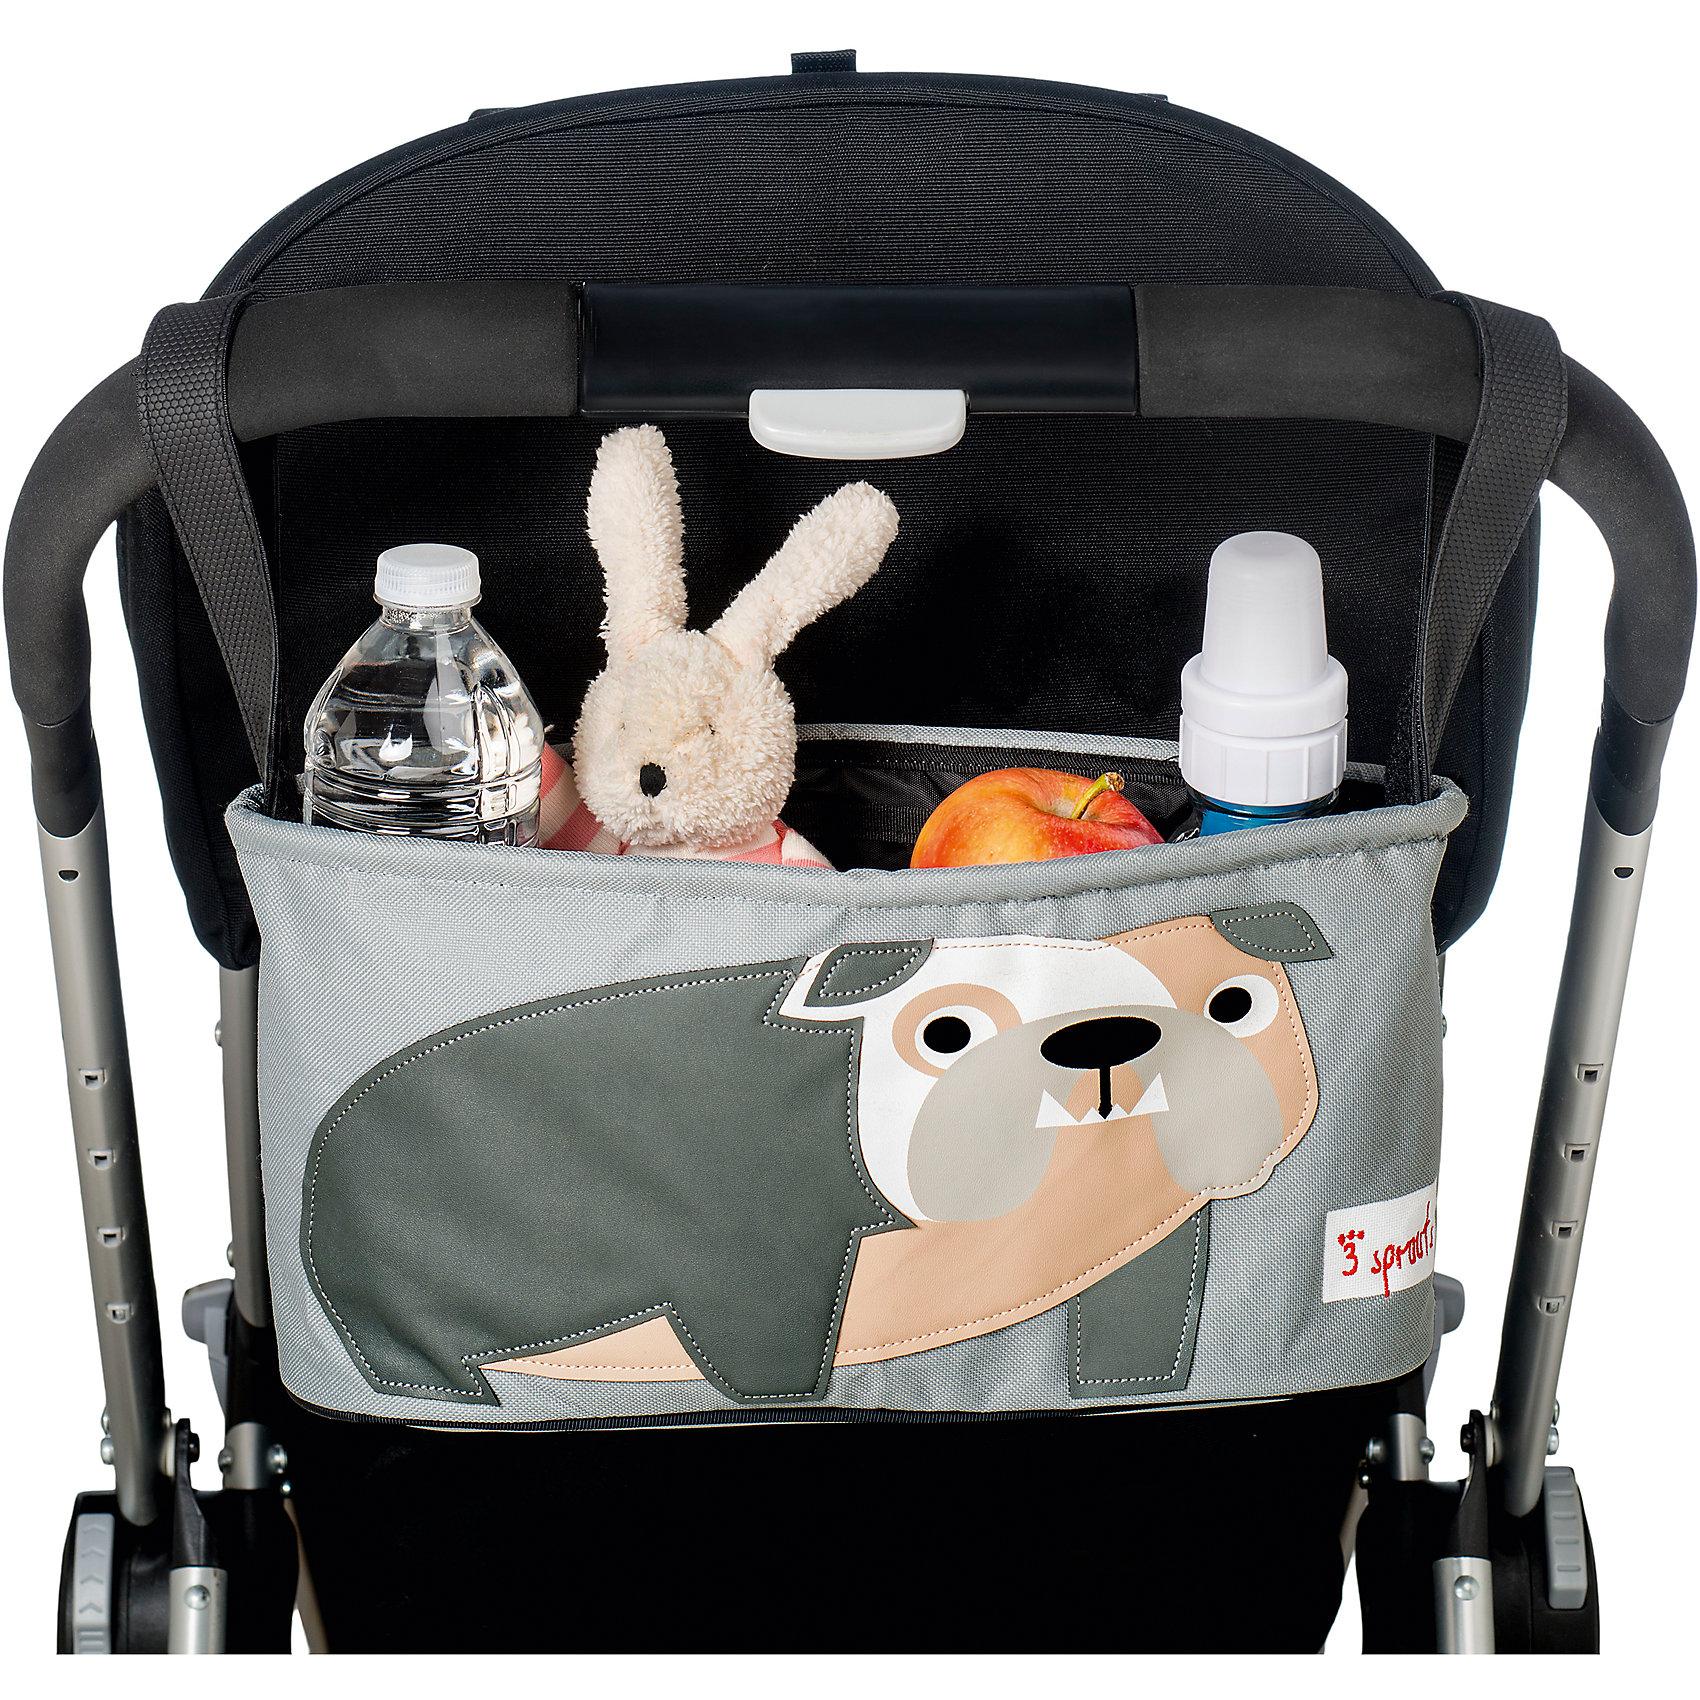 Сумка-органайзер для коляски Бульдог (Grey Bulldog SPR807), 3 SproutsАксессуары для колясок<br>Милая сумка-органайзер для мамы. Всё необходимое будет под рукой, когда Вы отправитесь на прогулку со своим малышом. Сумочку можно просто протирать при необходимости, она имеет два отделённых отсека для стакана или бутылки. Так же, есть специальный потайной кармашек для ключей и телефона.<br><br>Дополнительная информация:<br><br>- Размер: 32x15x13 см.<br>- Материал: полиэстер.<br>- Орнамент: Бульдог.<br><br>Купить сумку-органайзер для коляски Бульдог (Grey Bulldog), можно в нашем магазине.<br><br>Ширина мм: 420<br>Глубина мм: 25<br>Высота мм: 180<br>Вес г: 226<br>Возраст от месяцев: 0<br>Возраст до месяцев: 36<br>Пол: Унисекс<br>Возраст: Детский<br>SKU: 5098254